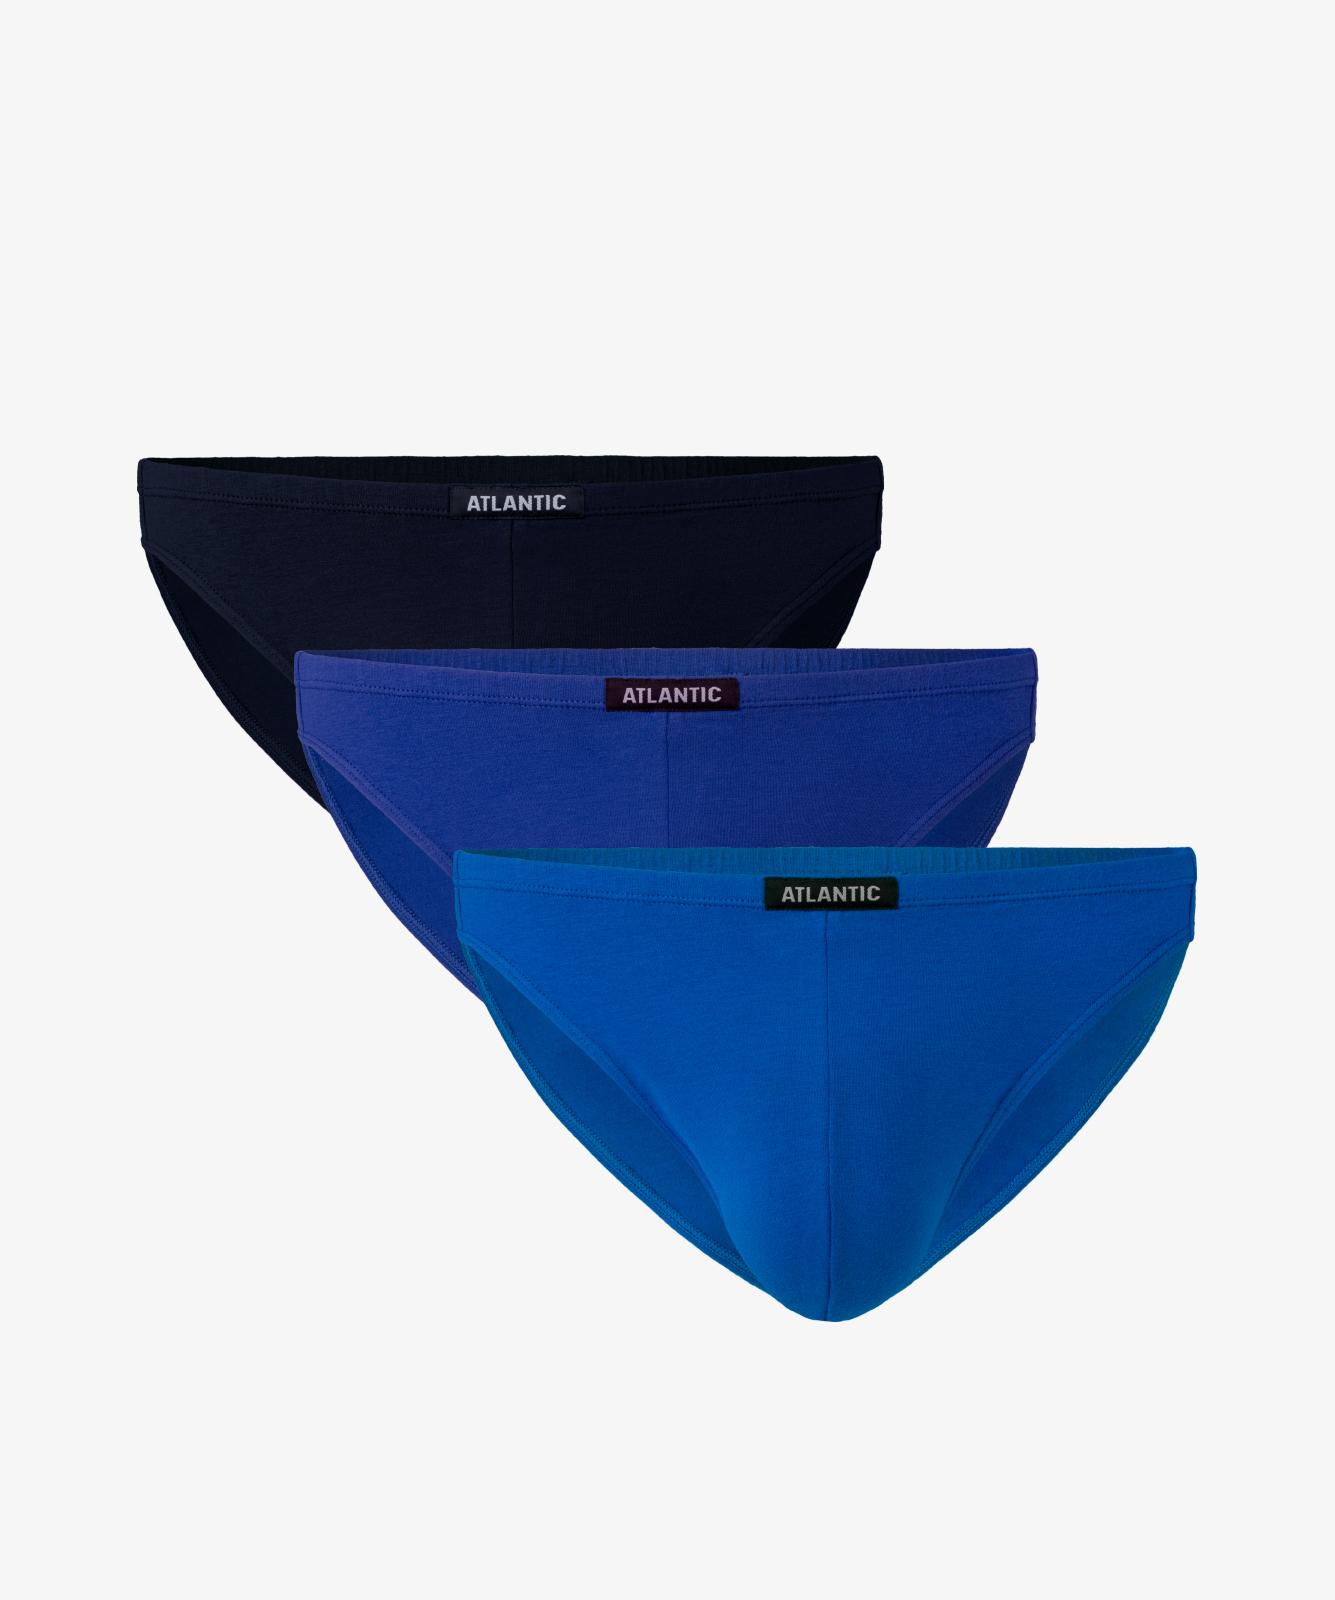 Мужские трусы слипы мини Atlantic, набор 3 шт., хлопок, темно-синие + голубые + синие, 3SMP-002